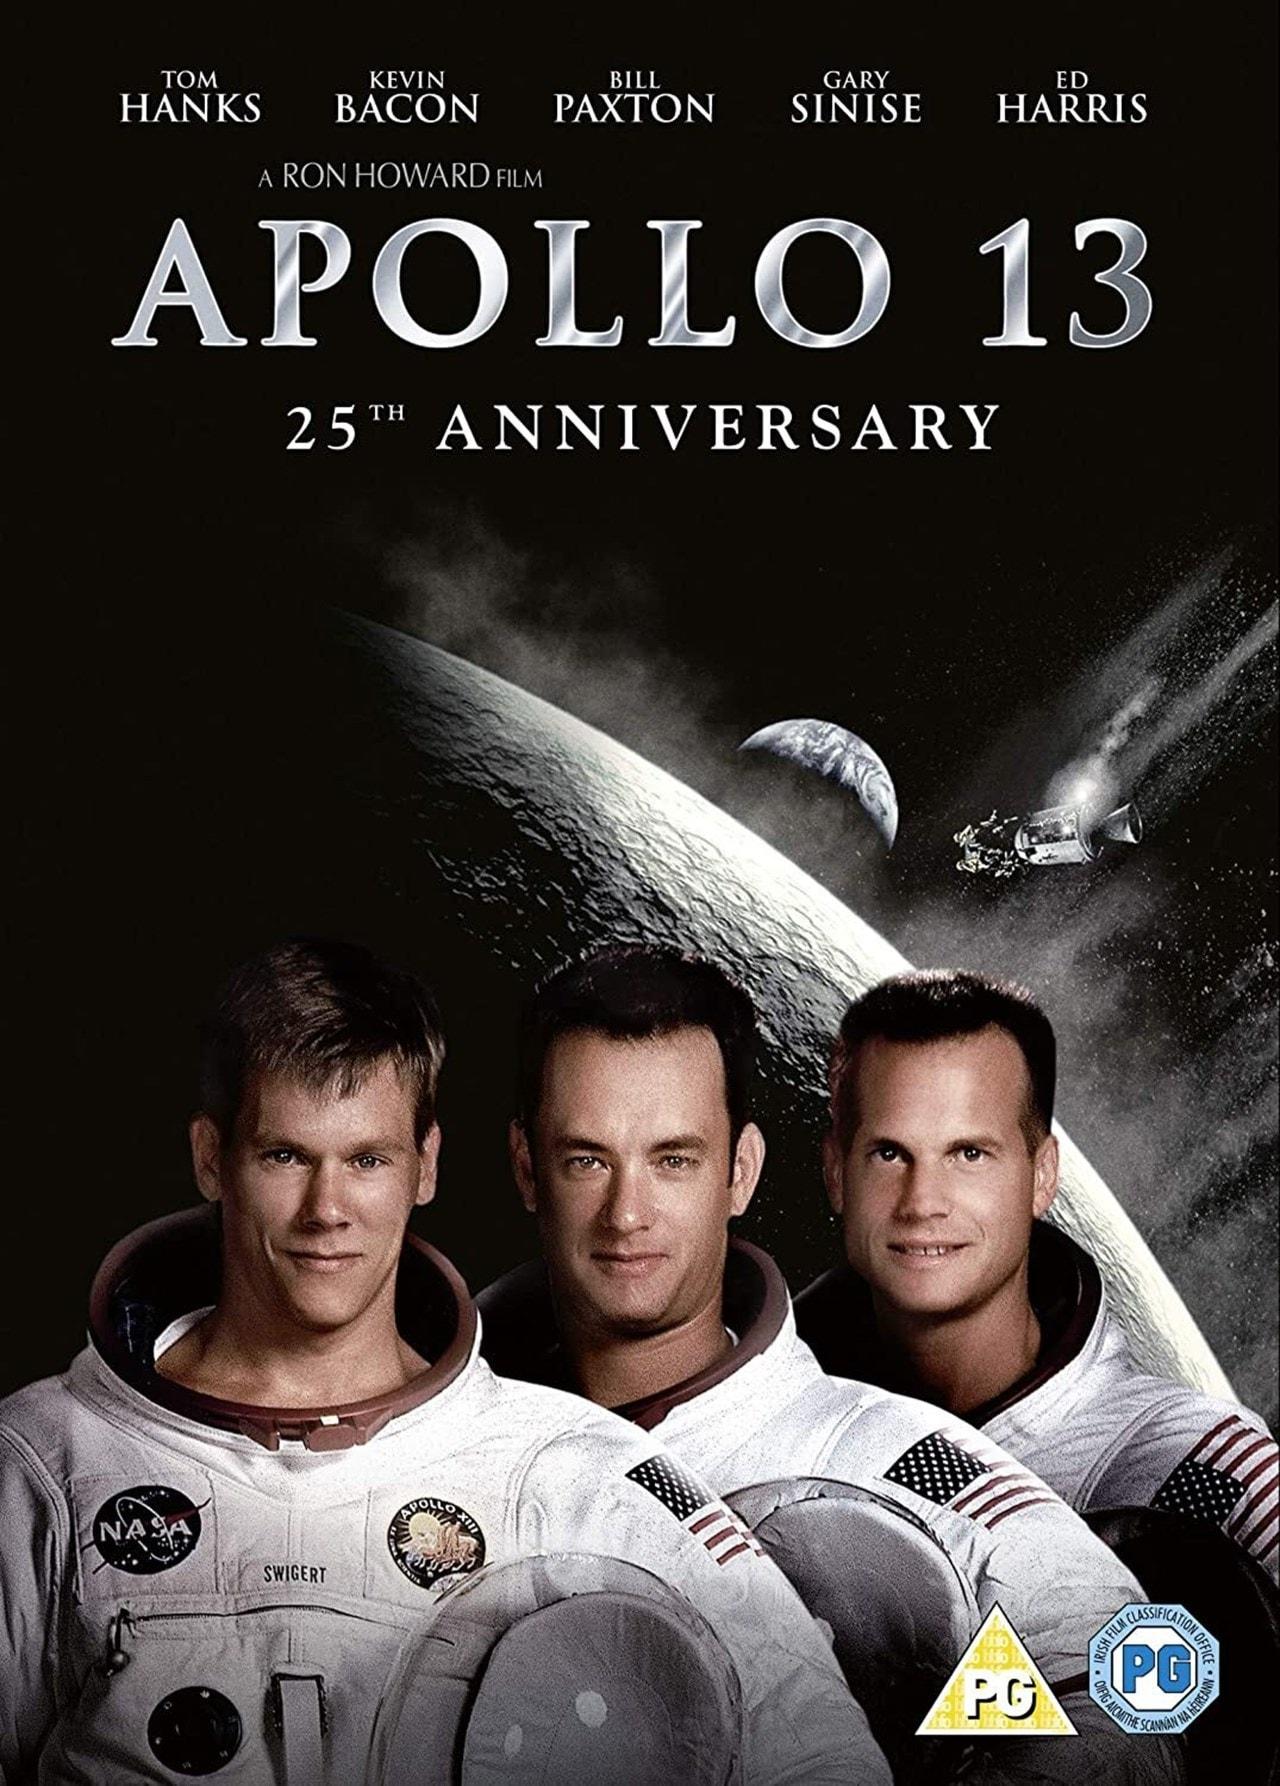 Apollo 13 | DVD | Free shipping over £20 | HMV Store